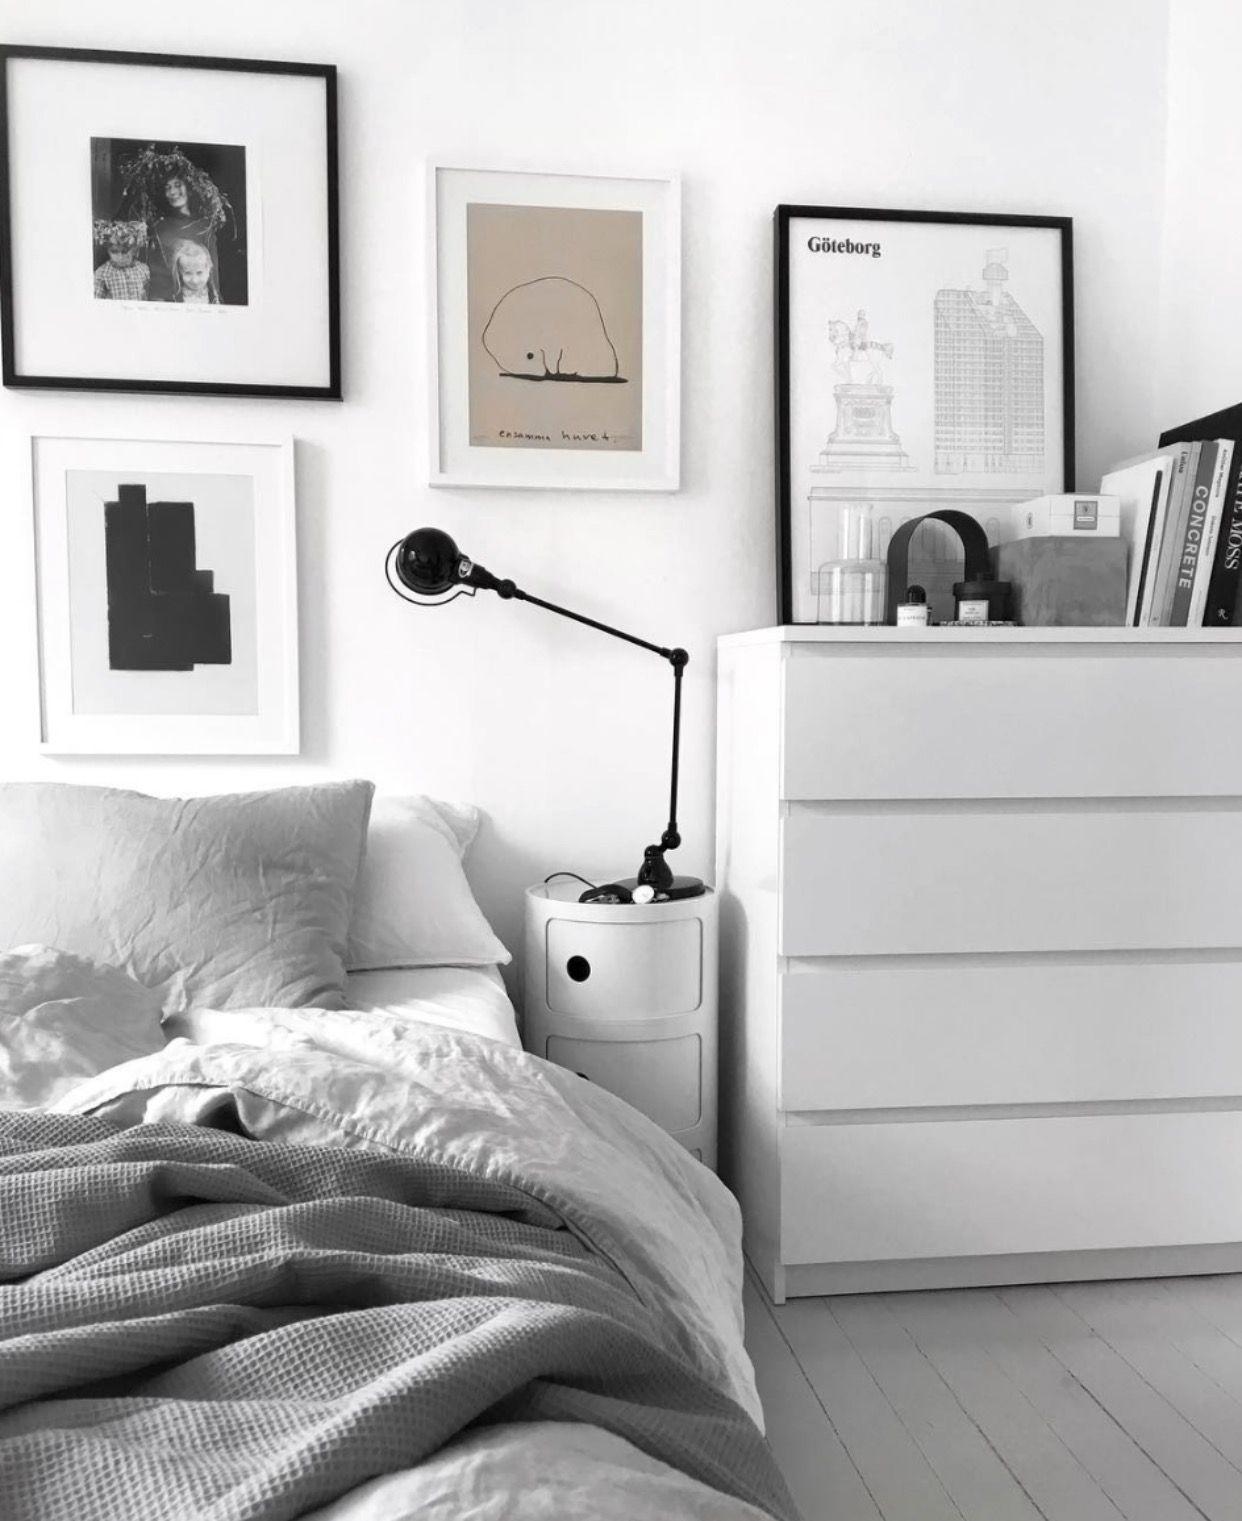 Pin By Amy Mckeown On Future Home Ikea Bedroom Design Scandinavian Design Bedroom Bedroom Decor